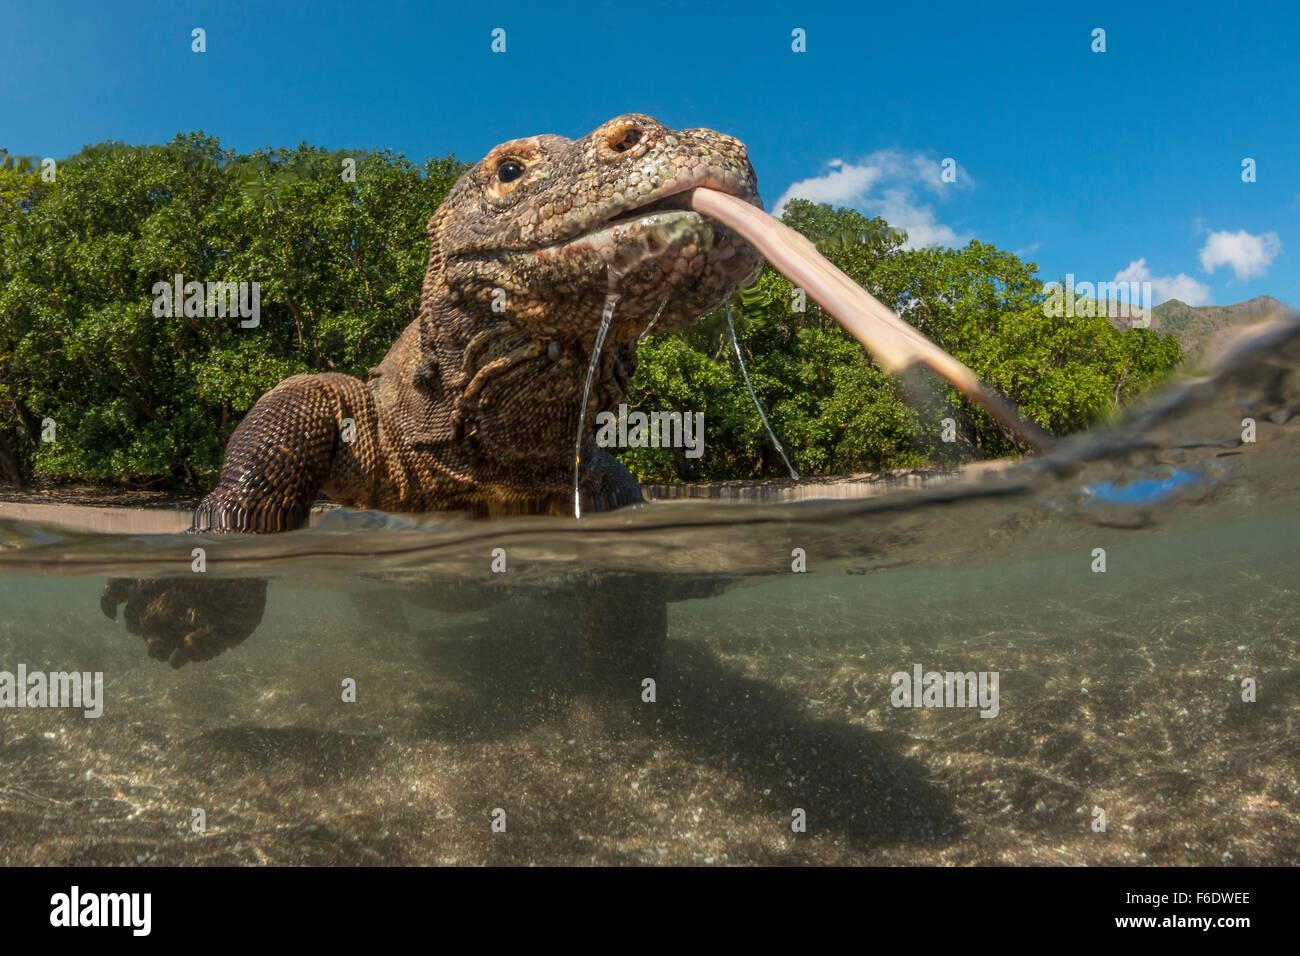 Komodo Dragon, Varanus komodoensis, Komodo, Indonesia - Stock Image